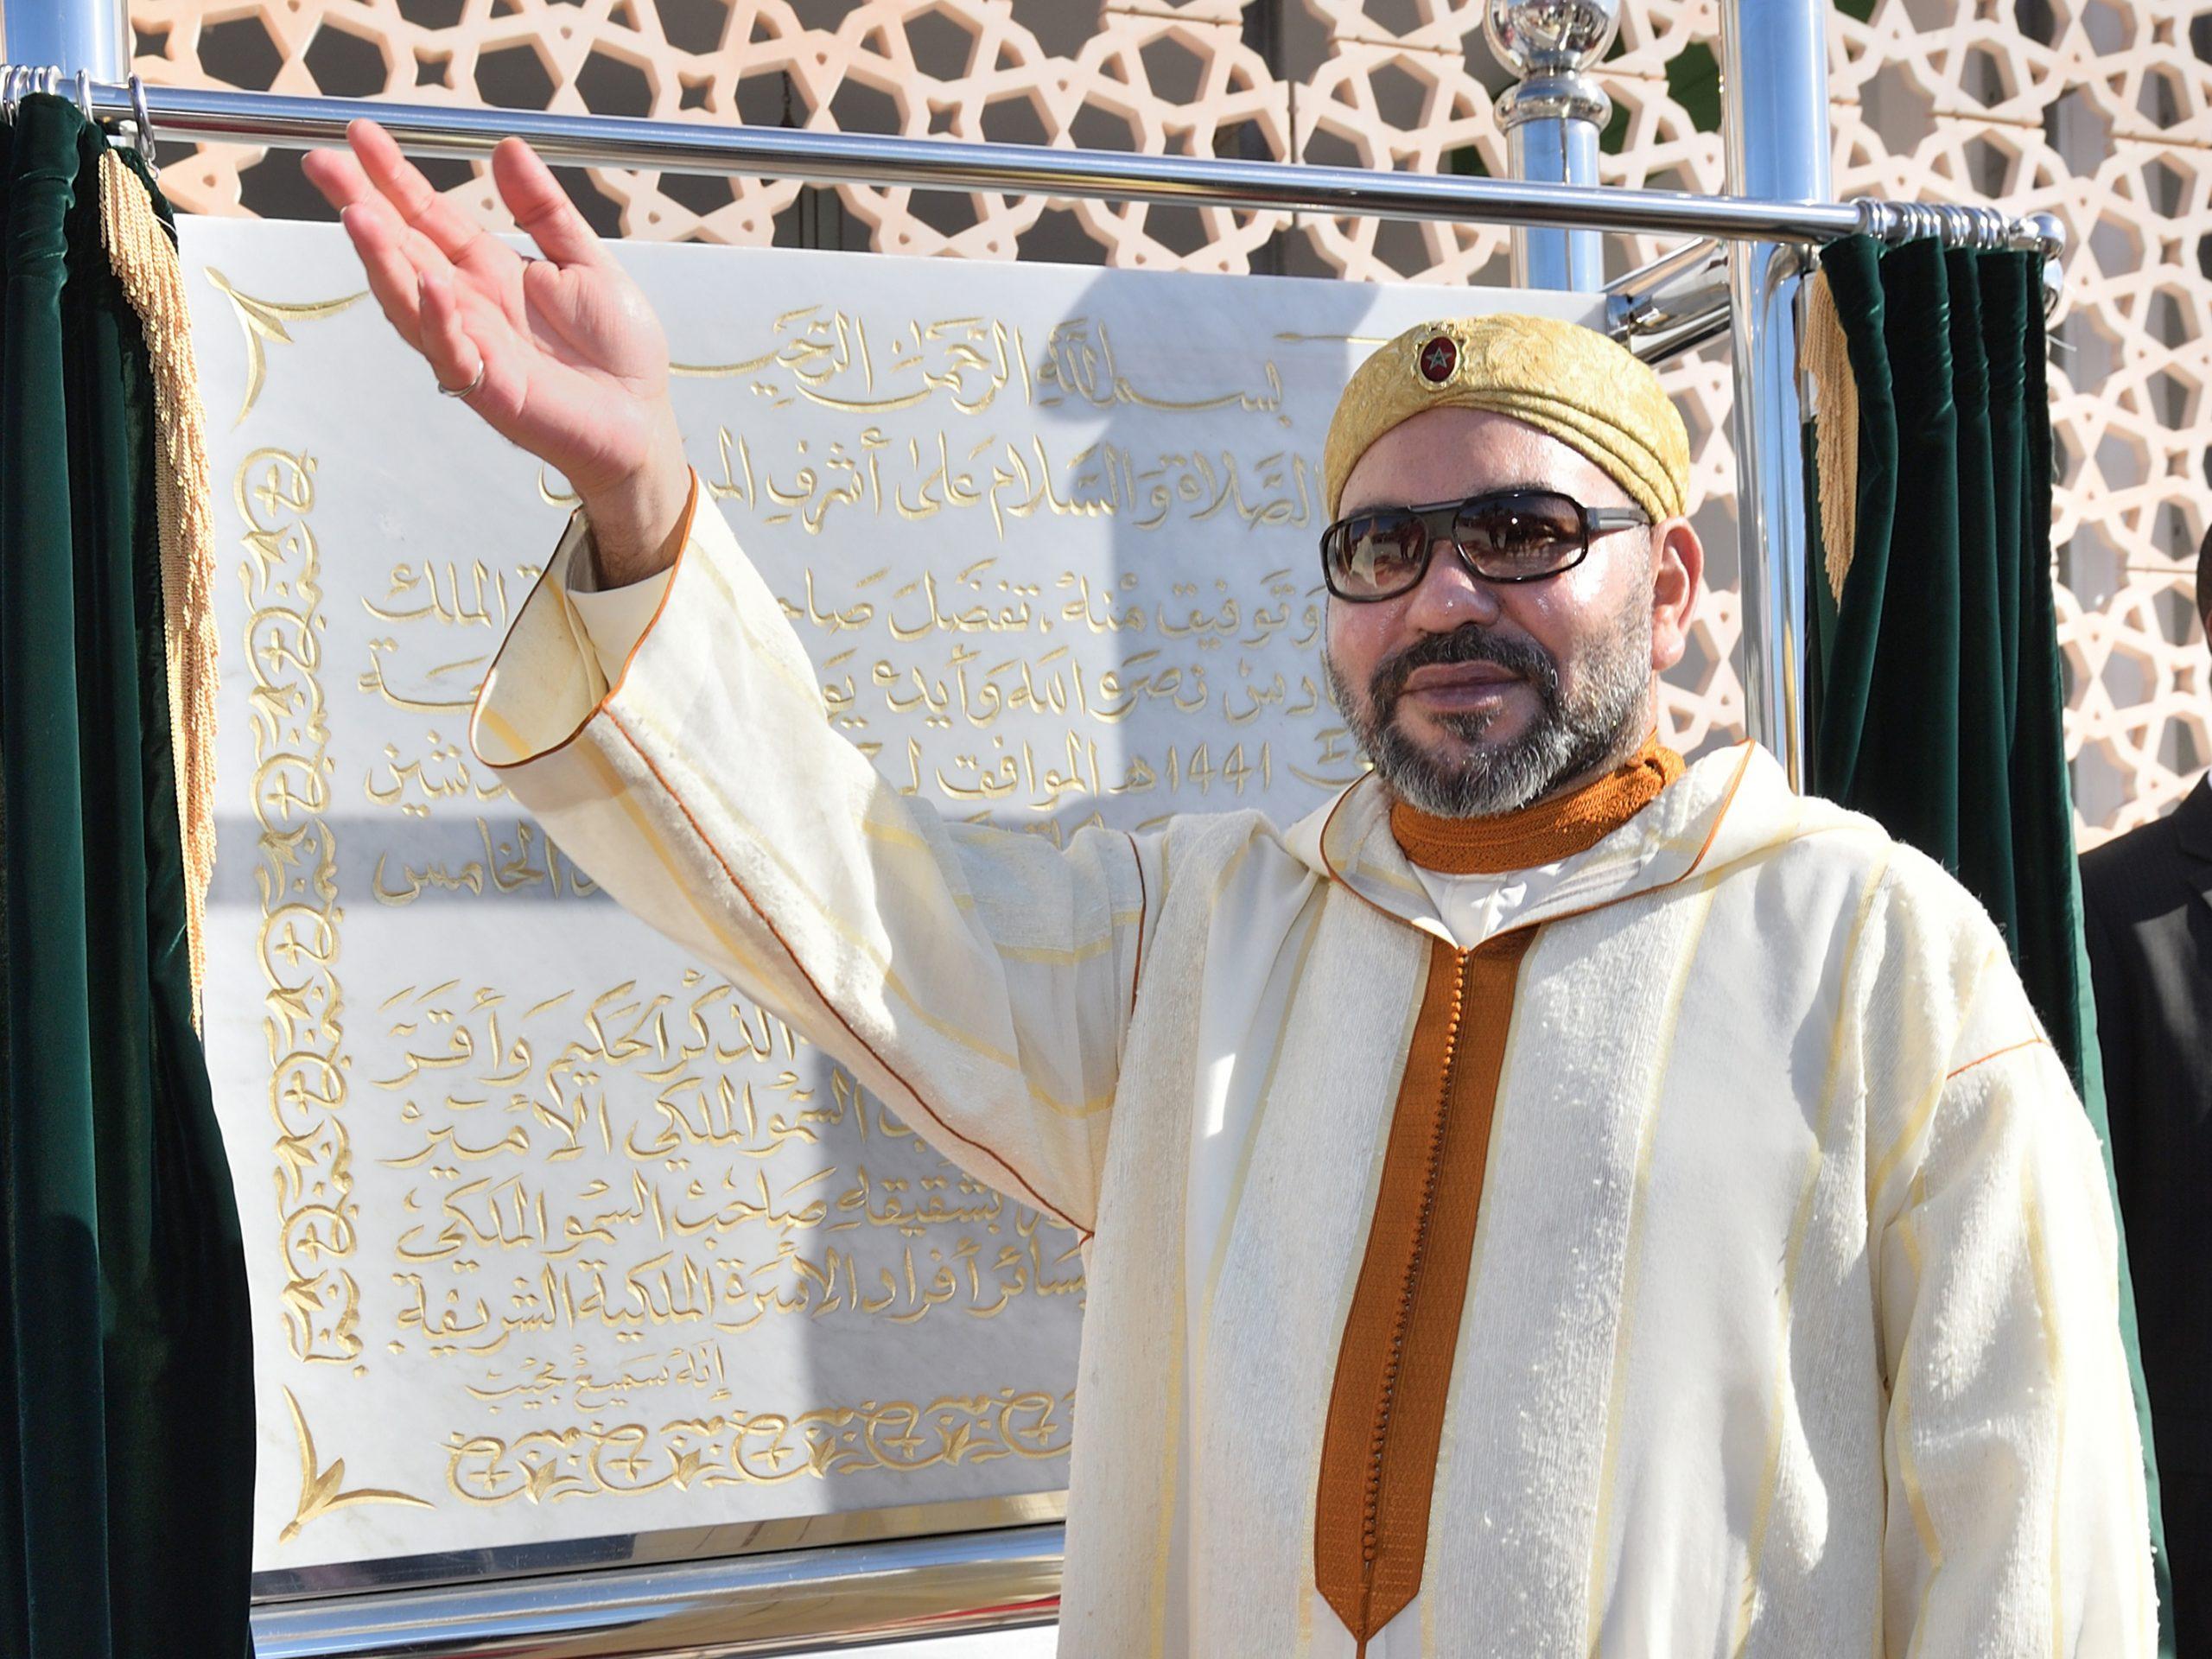 """الكشف الجديد باسماء 5 آلاف سجين المفرج عنهم بمناسبة عيد الفطر بالمغرب """"عفو الملك محمد"""""""